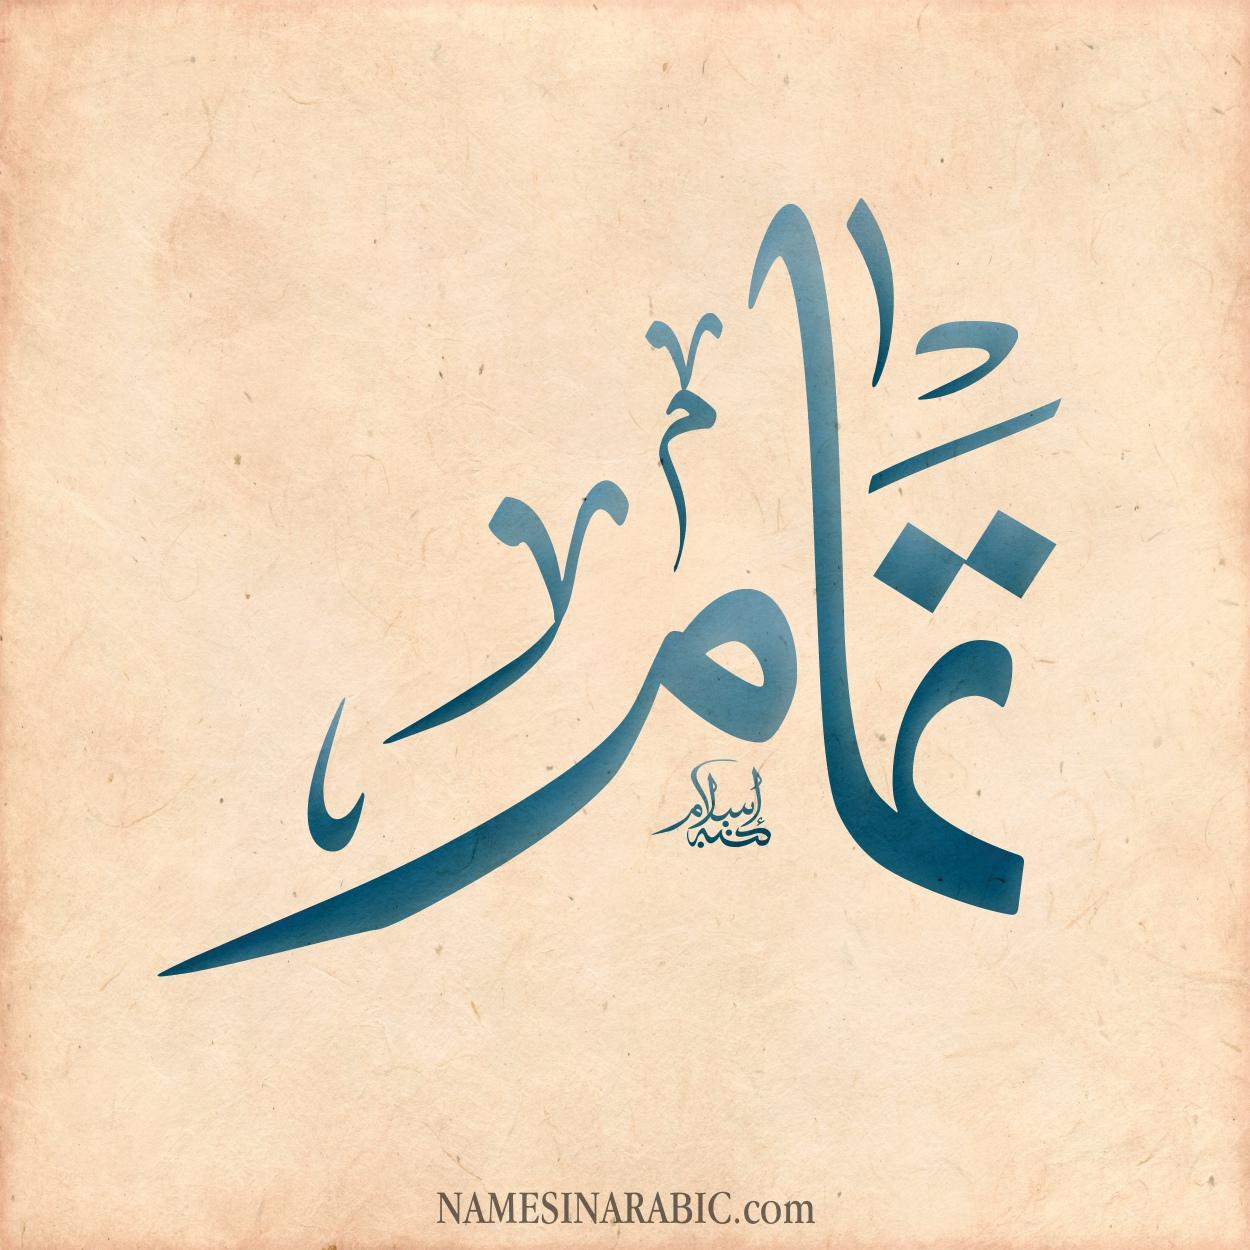 صورة اسم تمام Tmam اسم تمام بالخط العربي من موقع الأسماء بالخط العربي بريشة الفنان إسلام ابن الفضل